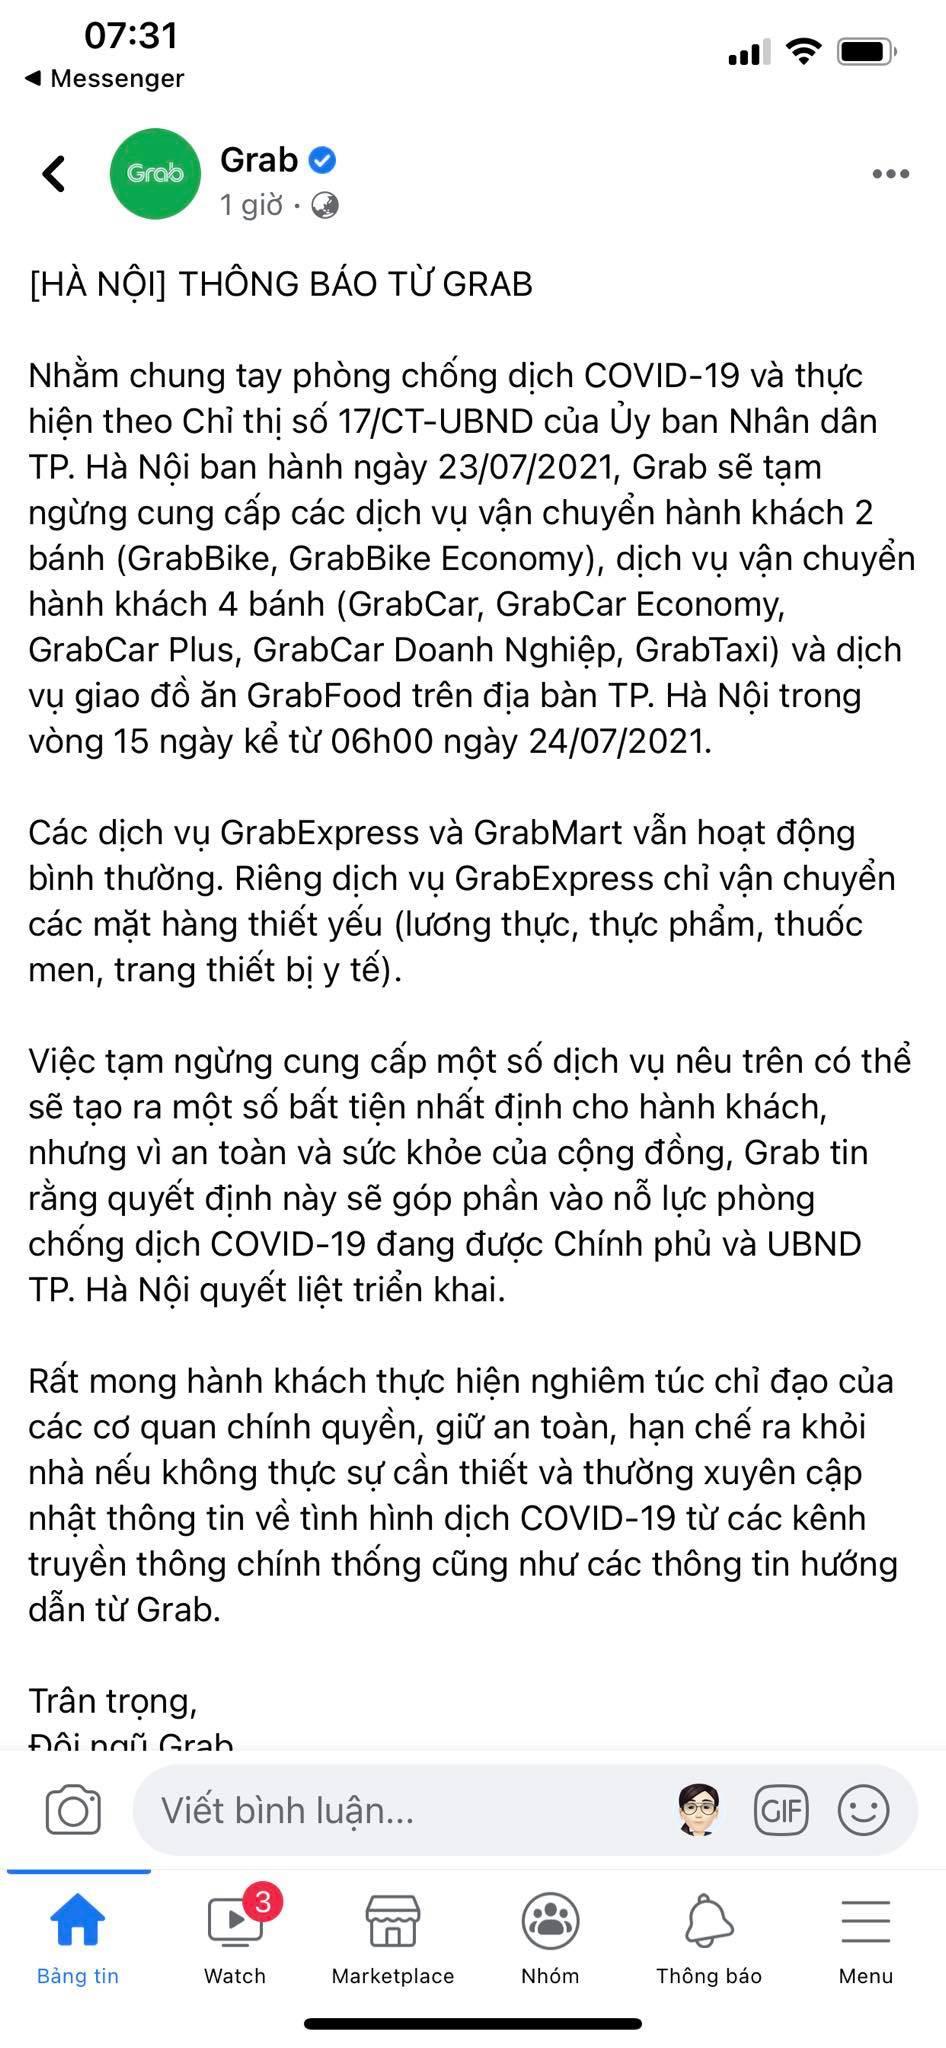 Grab thông báo tạm dừng dịch vụ giao đồ ăn GrabFood tại Hà Nội từ 6h ngày 24/7 - Ảnh 1.